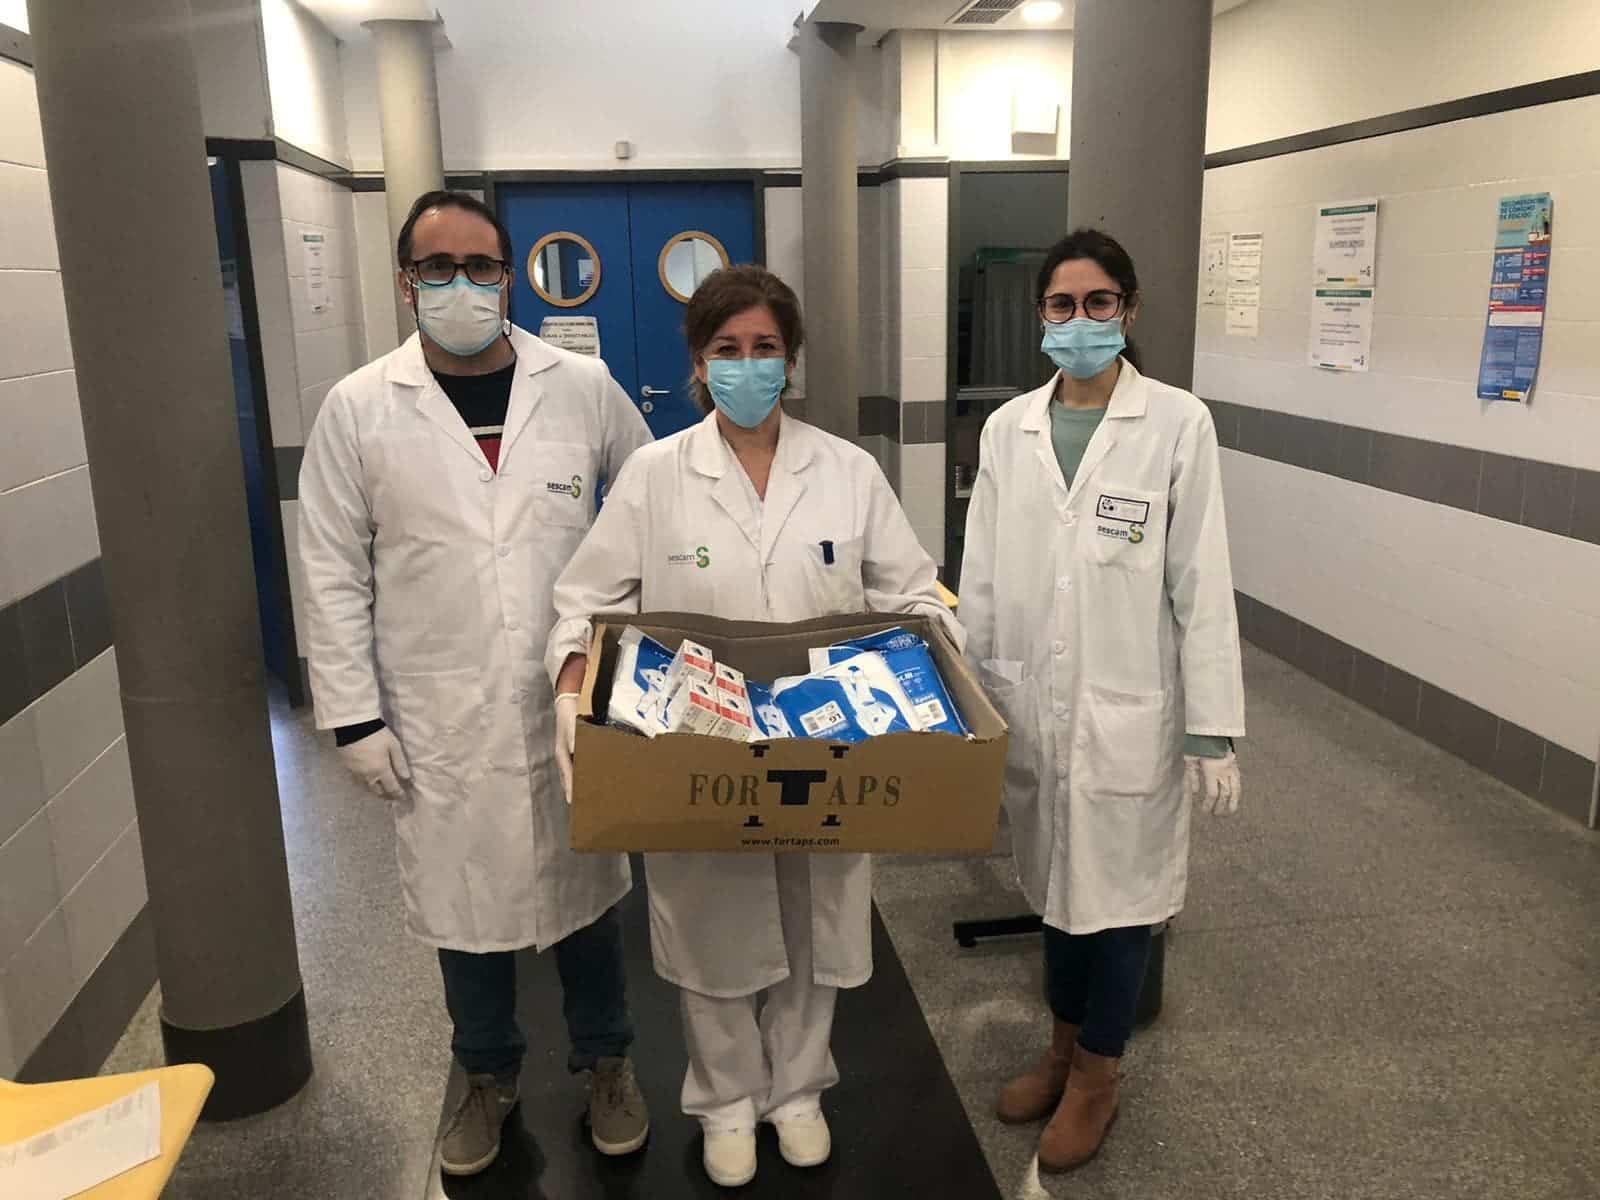 comunidad dona centro salud herencia ciudad real - La comunidad dota de material sanitario al Centro de Salud de Herencia